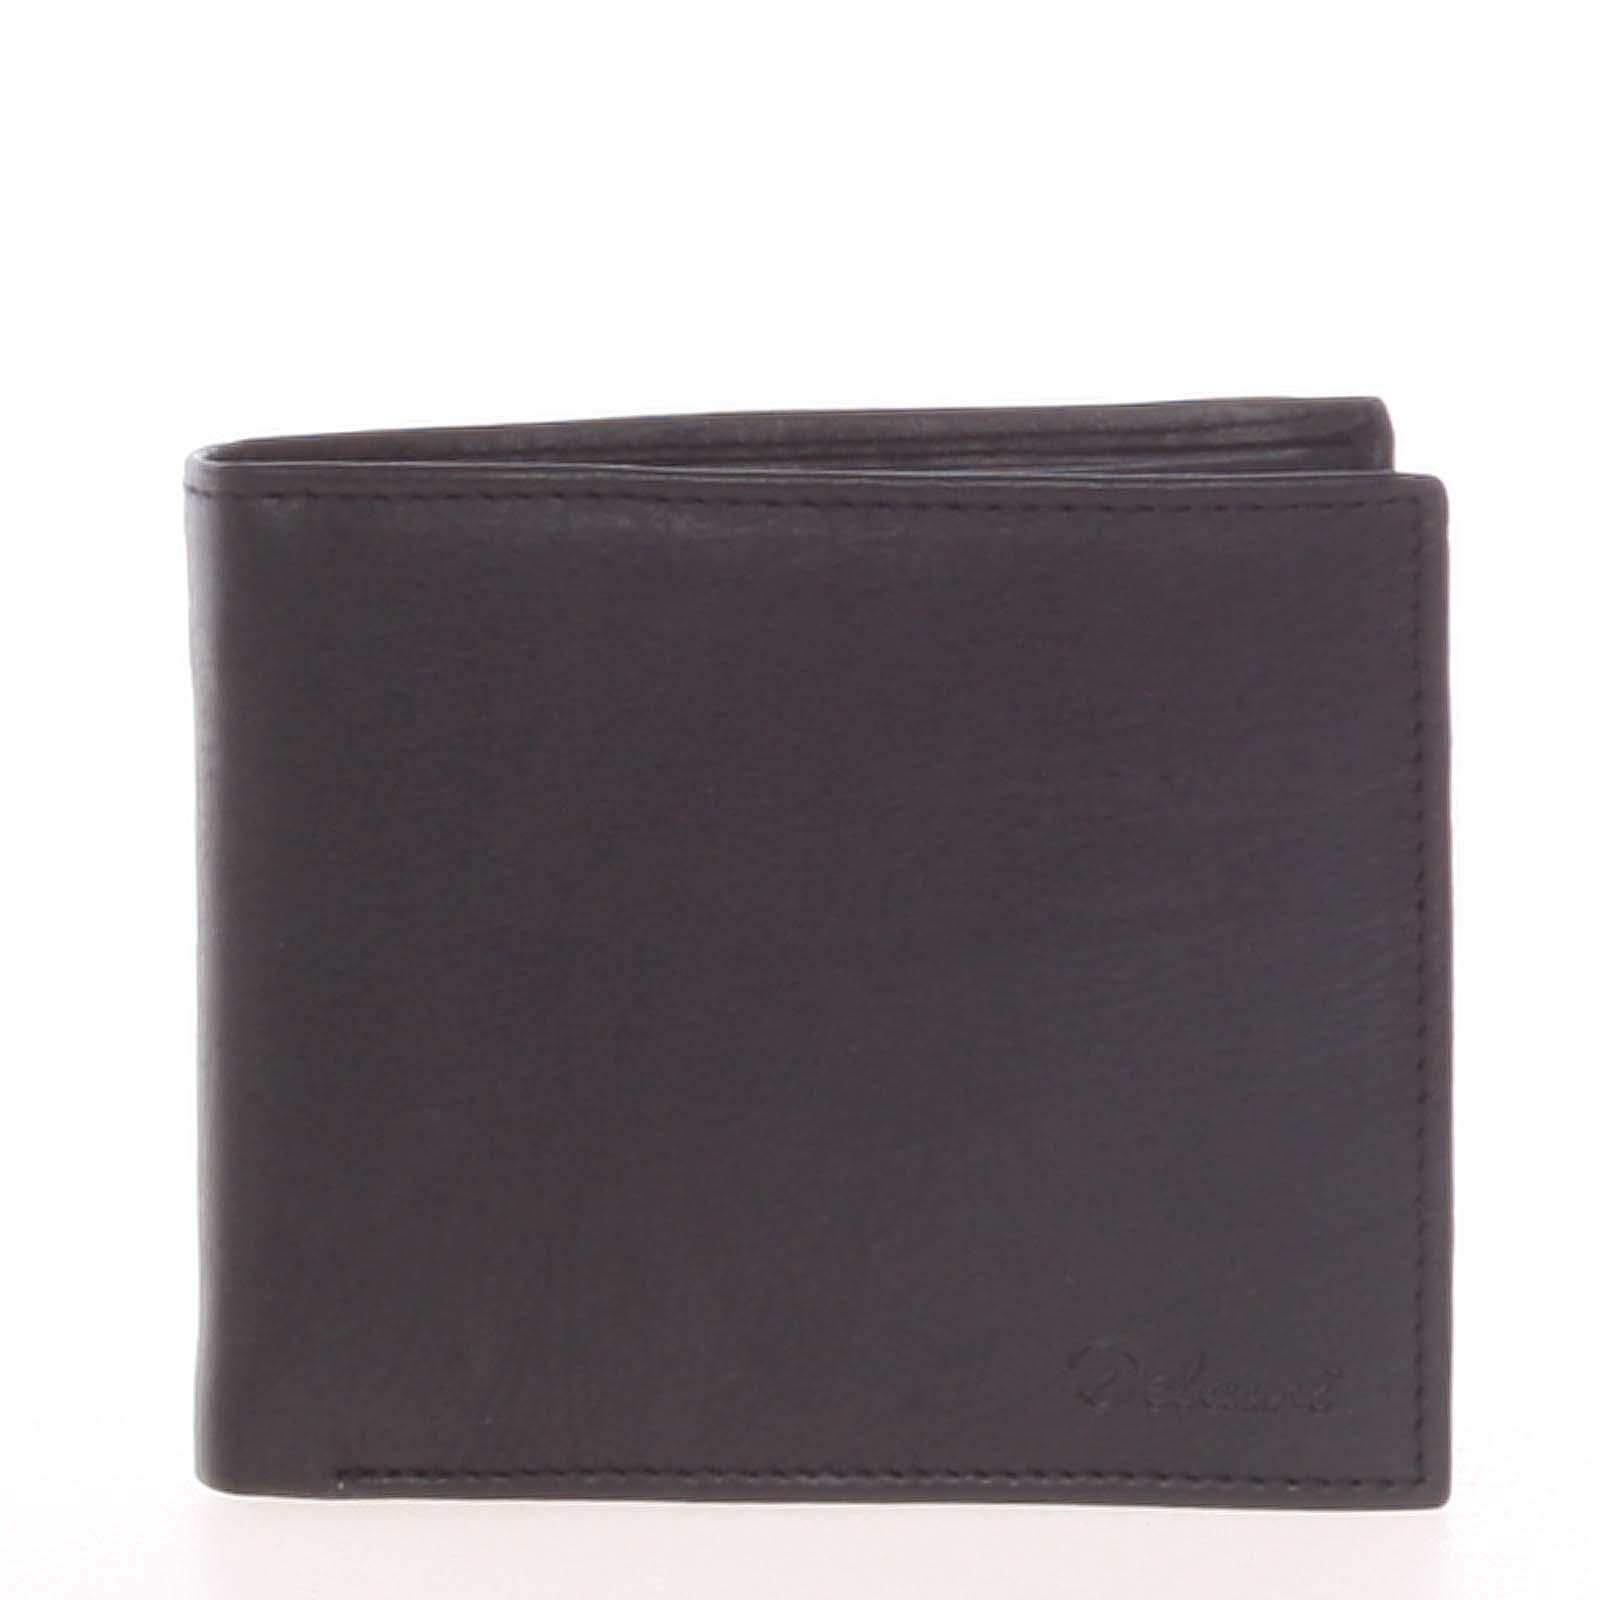 Pánska kožená voľná čierna peňaženka - Delami 8222